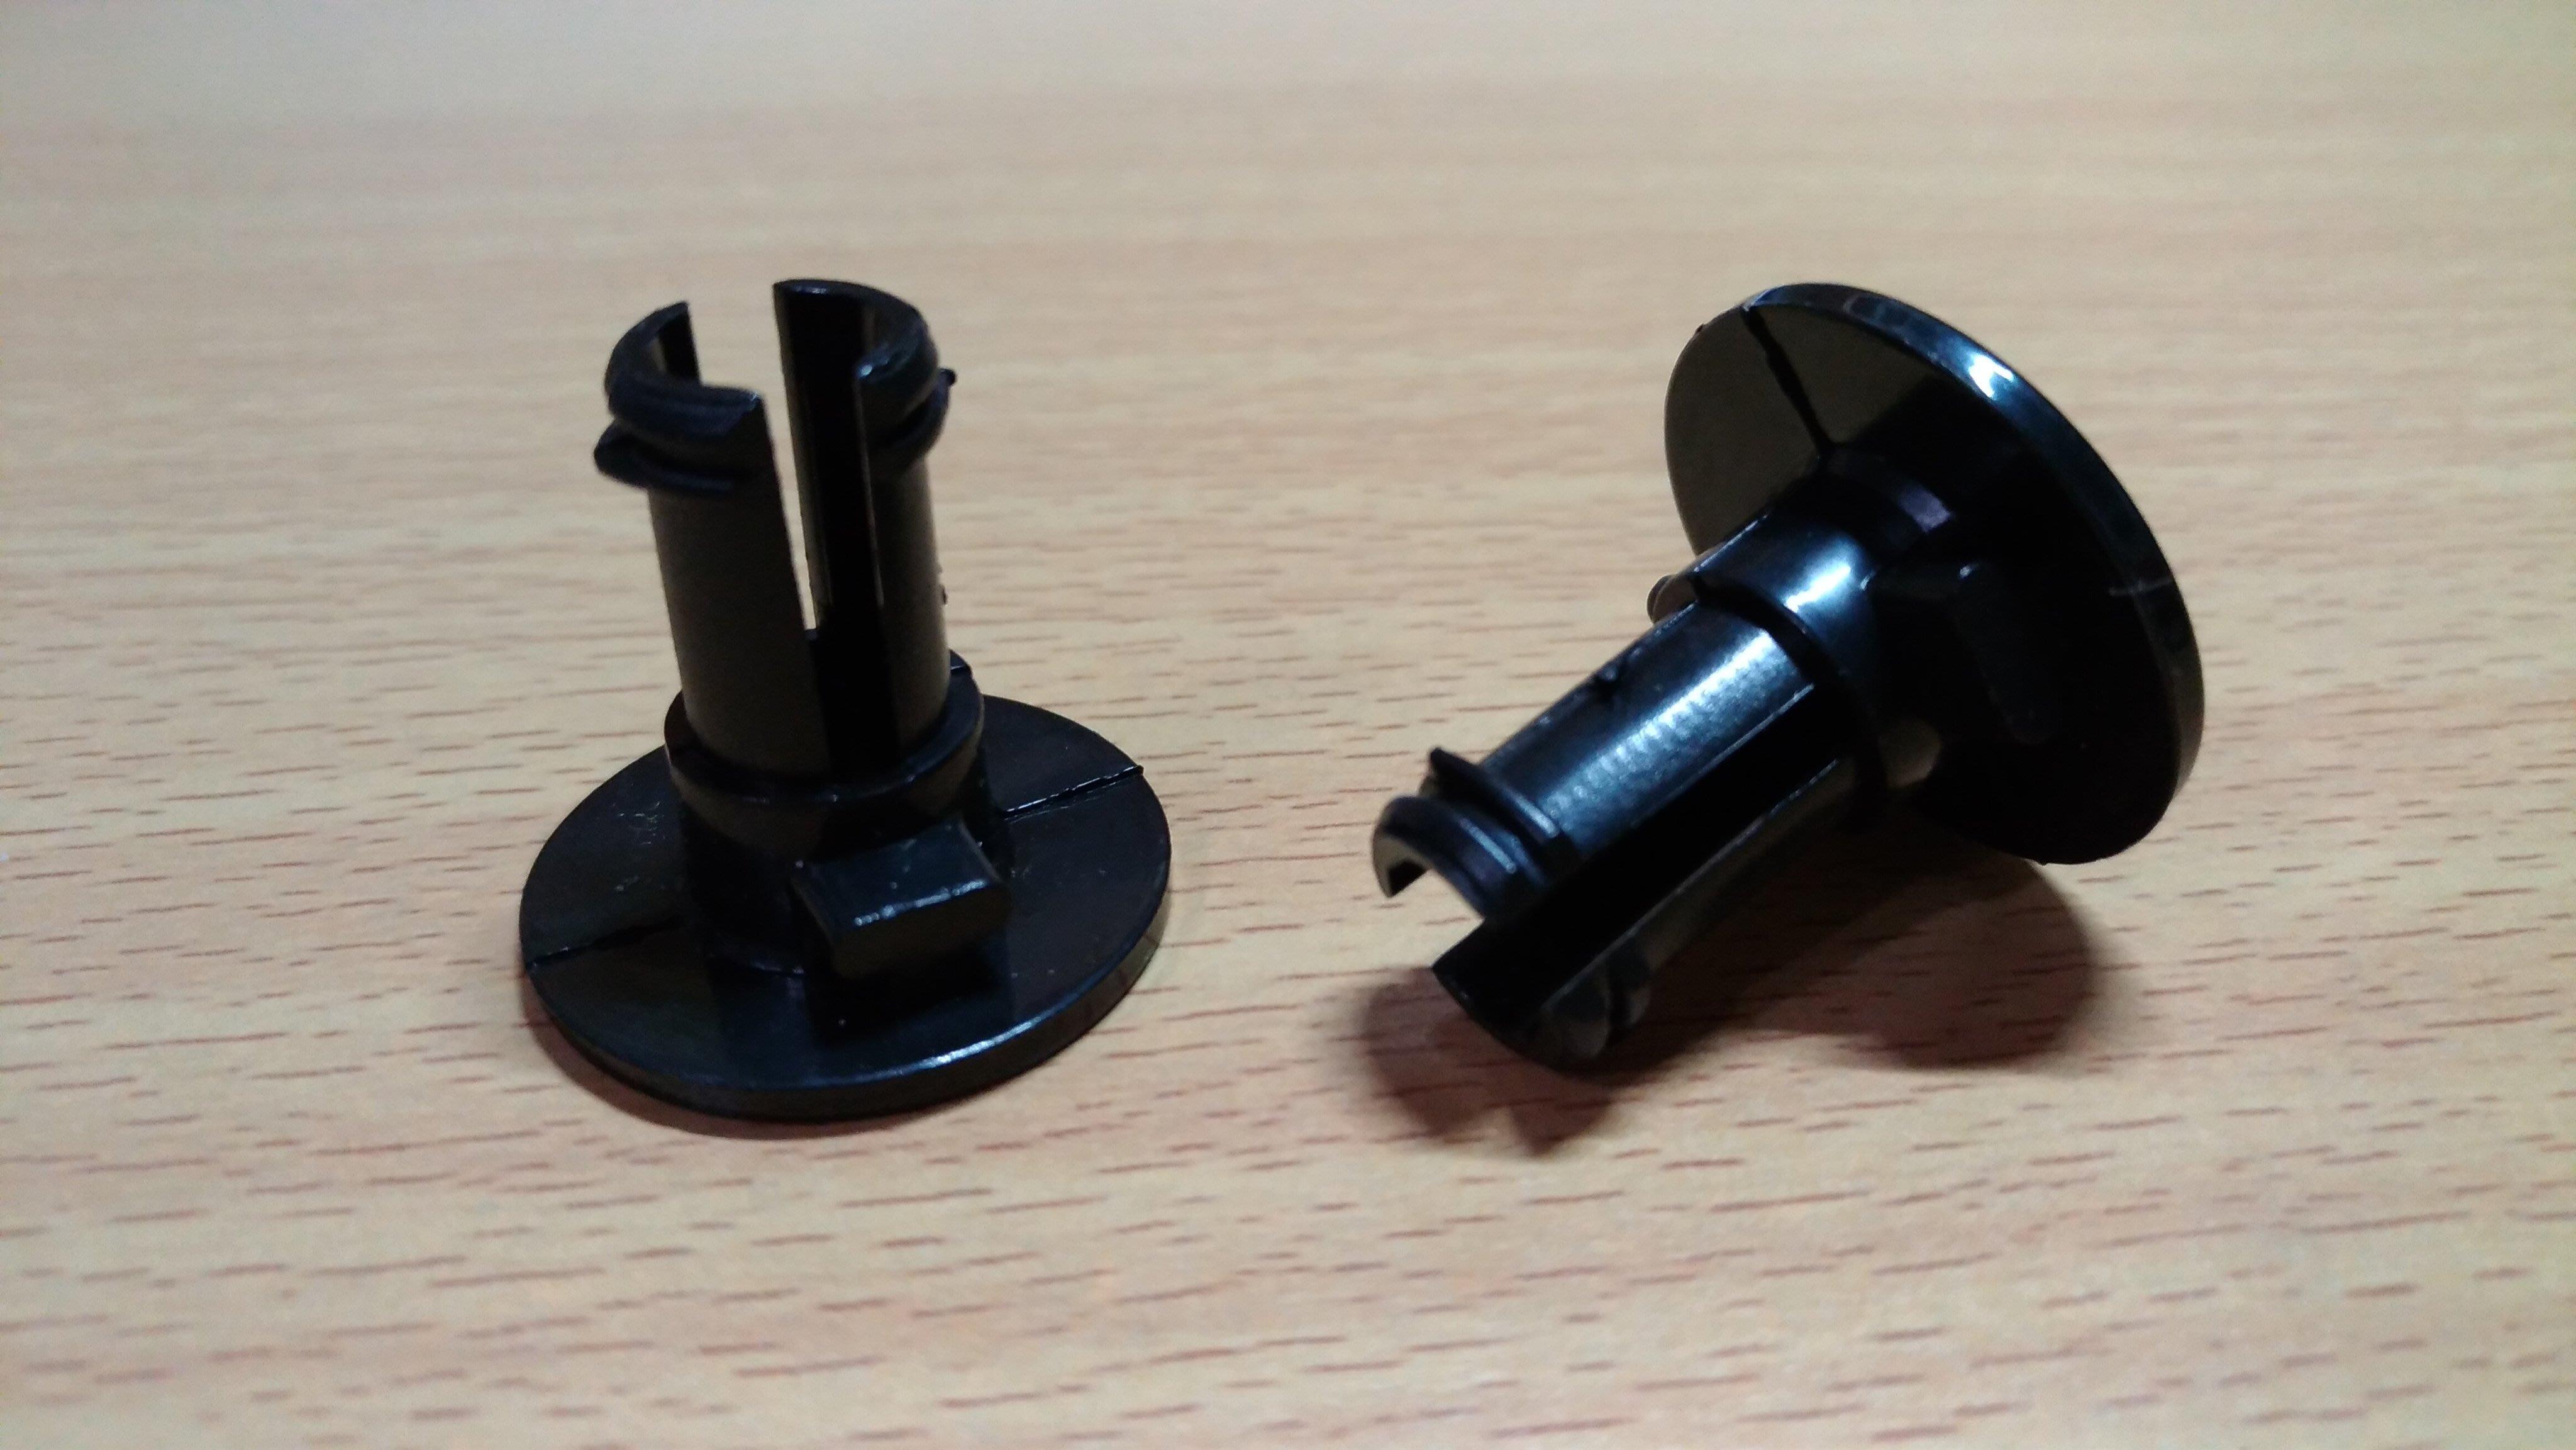 塑膠磨芯(一組7顆) 磨豆機 手搖式磨豆機 手動磨豆機 Hario MSS-1B Porlex 磨豆機零件